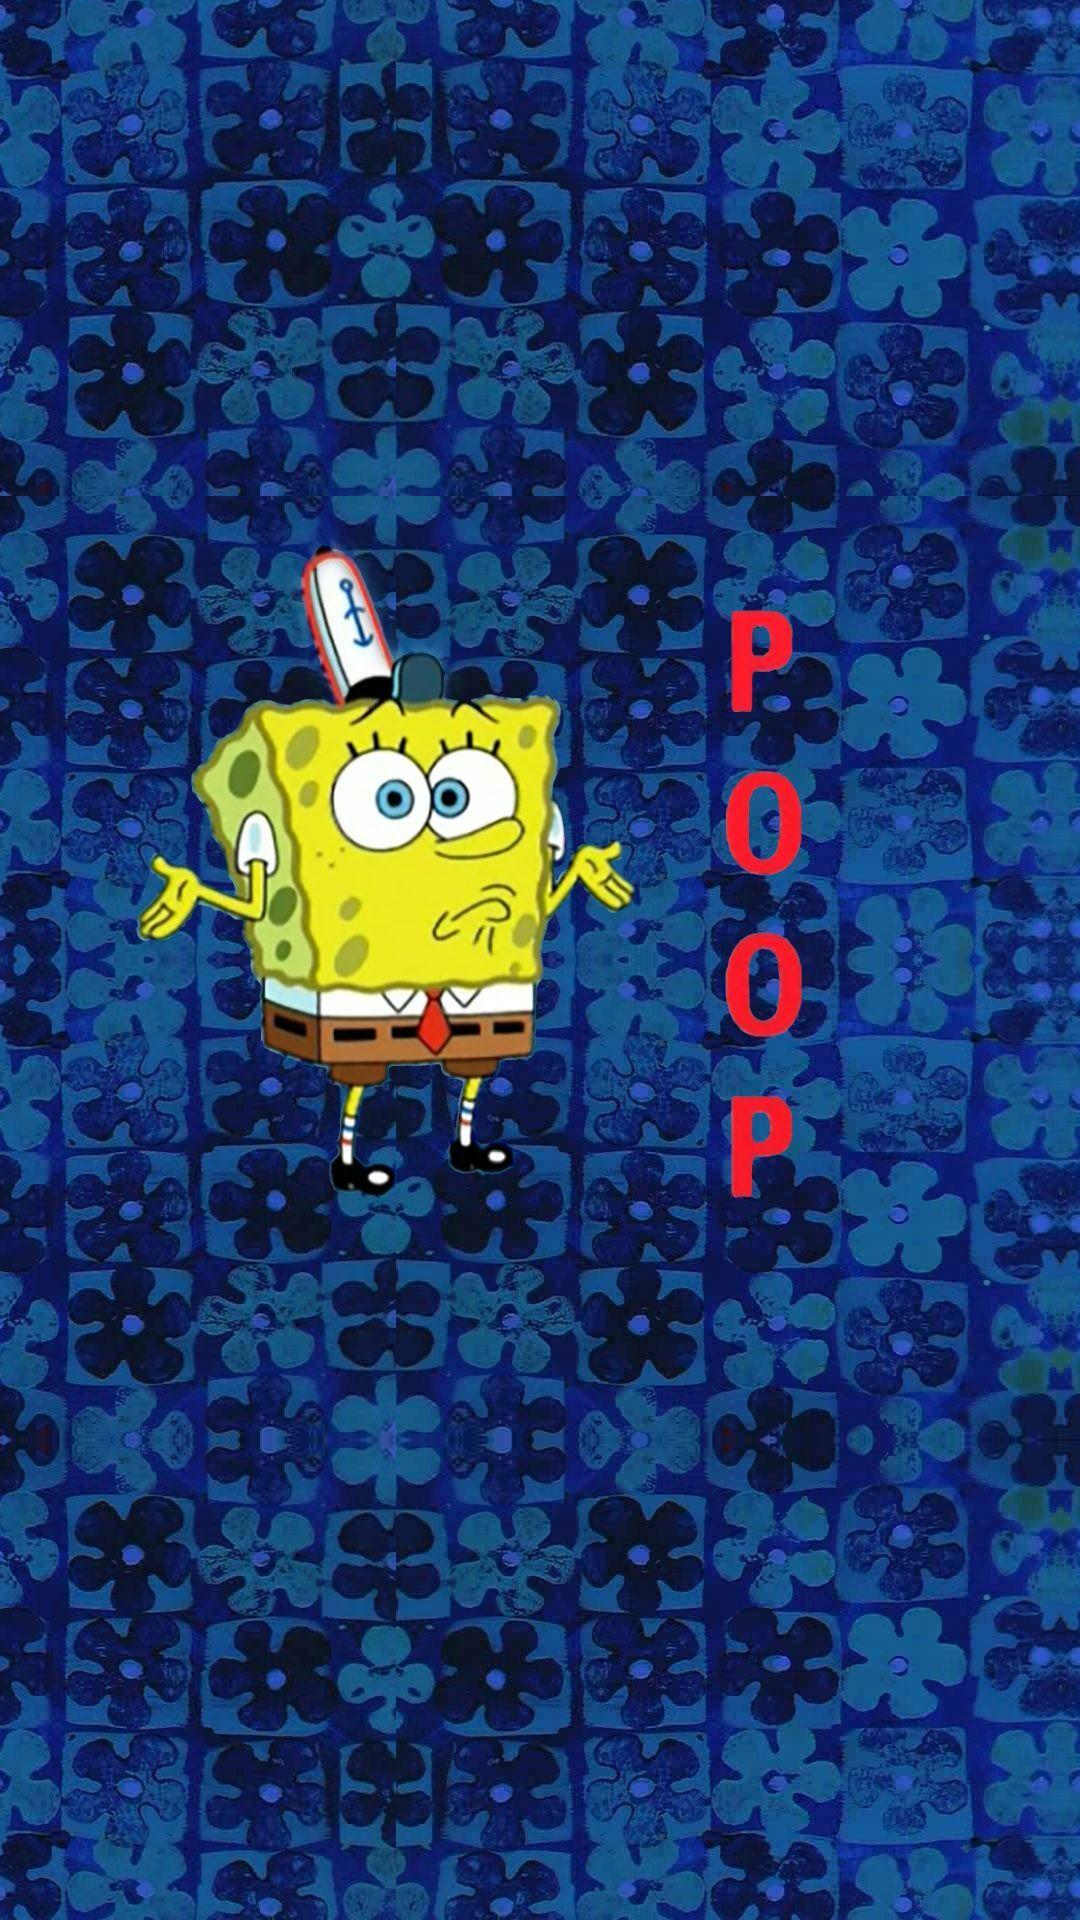 Spongebob Hypebeast Wallpapers - Wallpaper Cave